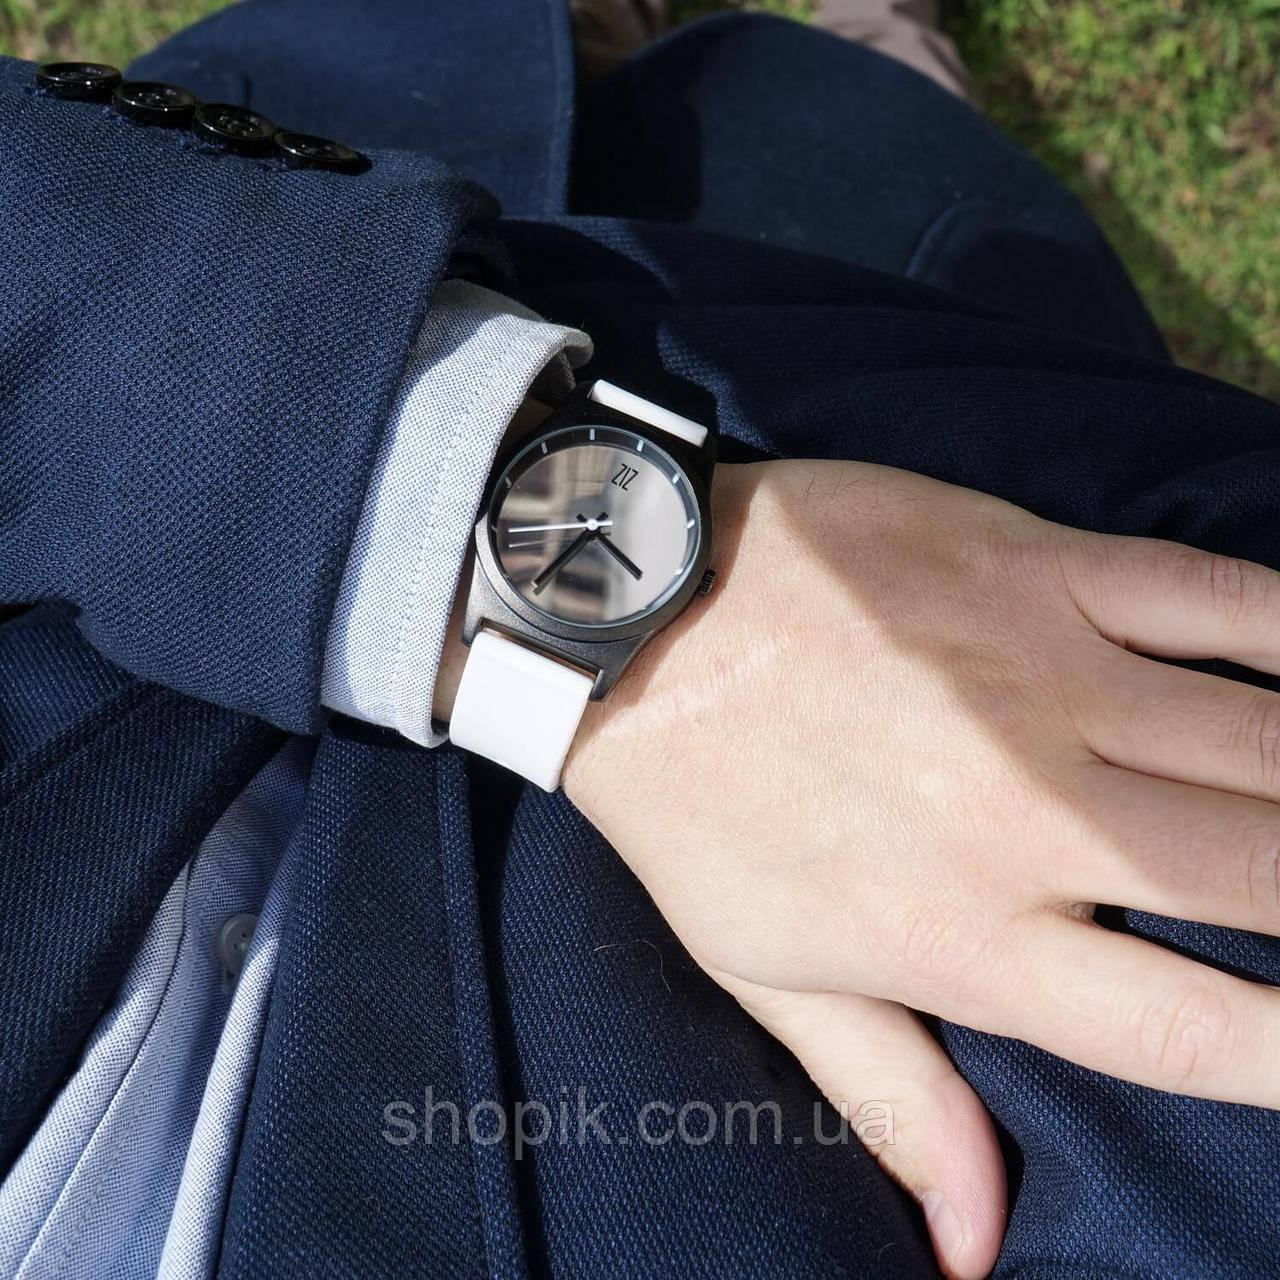 Часы ZIZ Mirror на силиконовом ремешке + доп. ремешок + подарочная коробка (4100345) SHOPIK